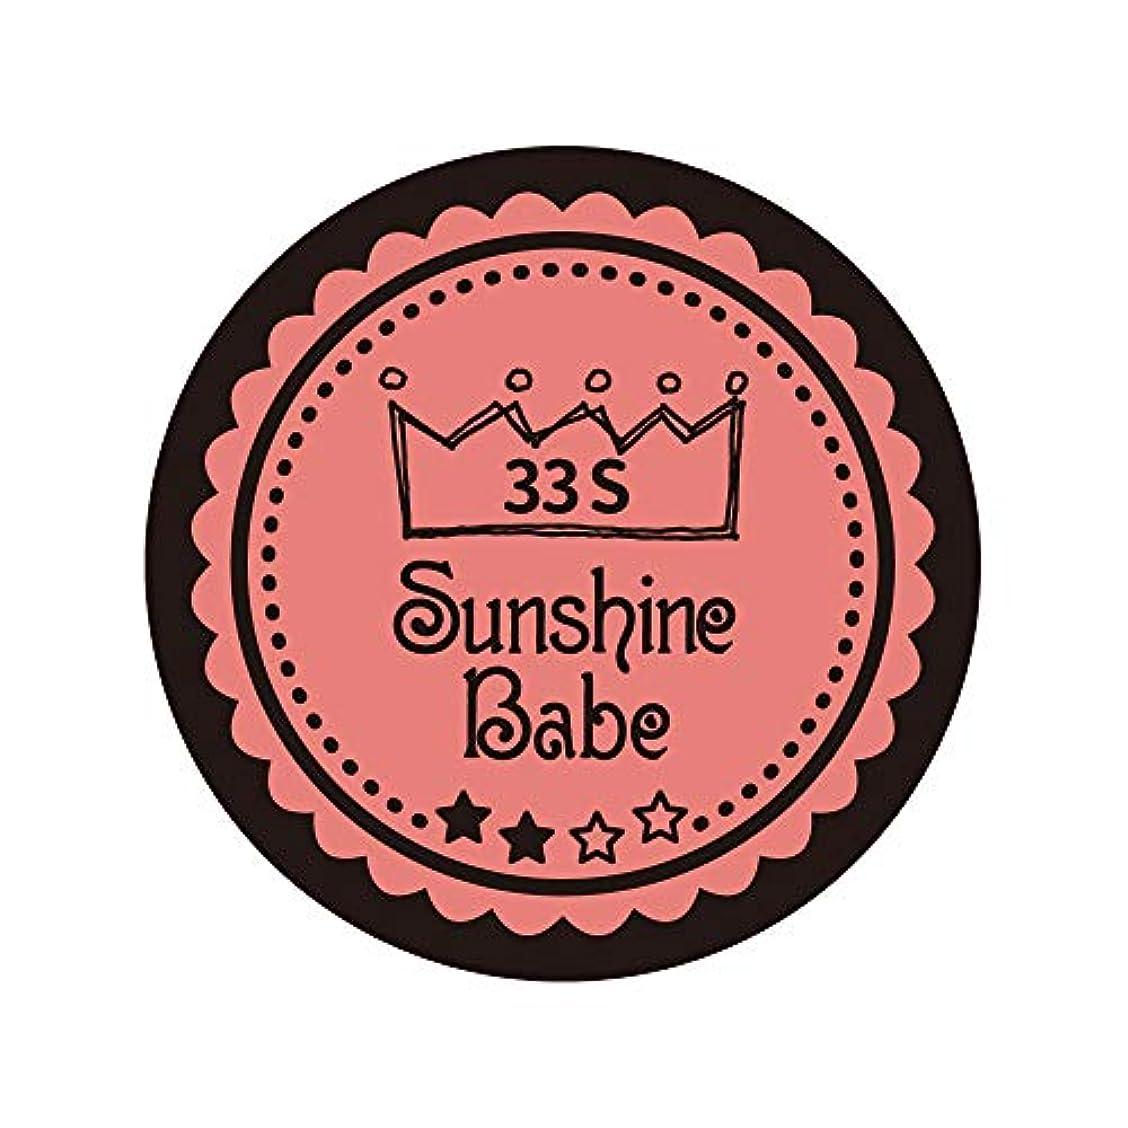 病的悪因子虹Sunshine Babe カラージェル 33S ベイクドコーラルピンク 2.7g UV/LED対応